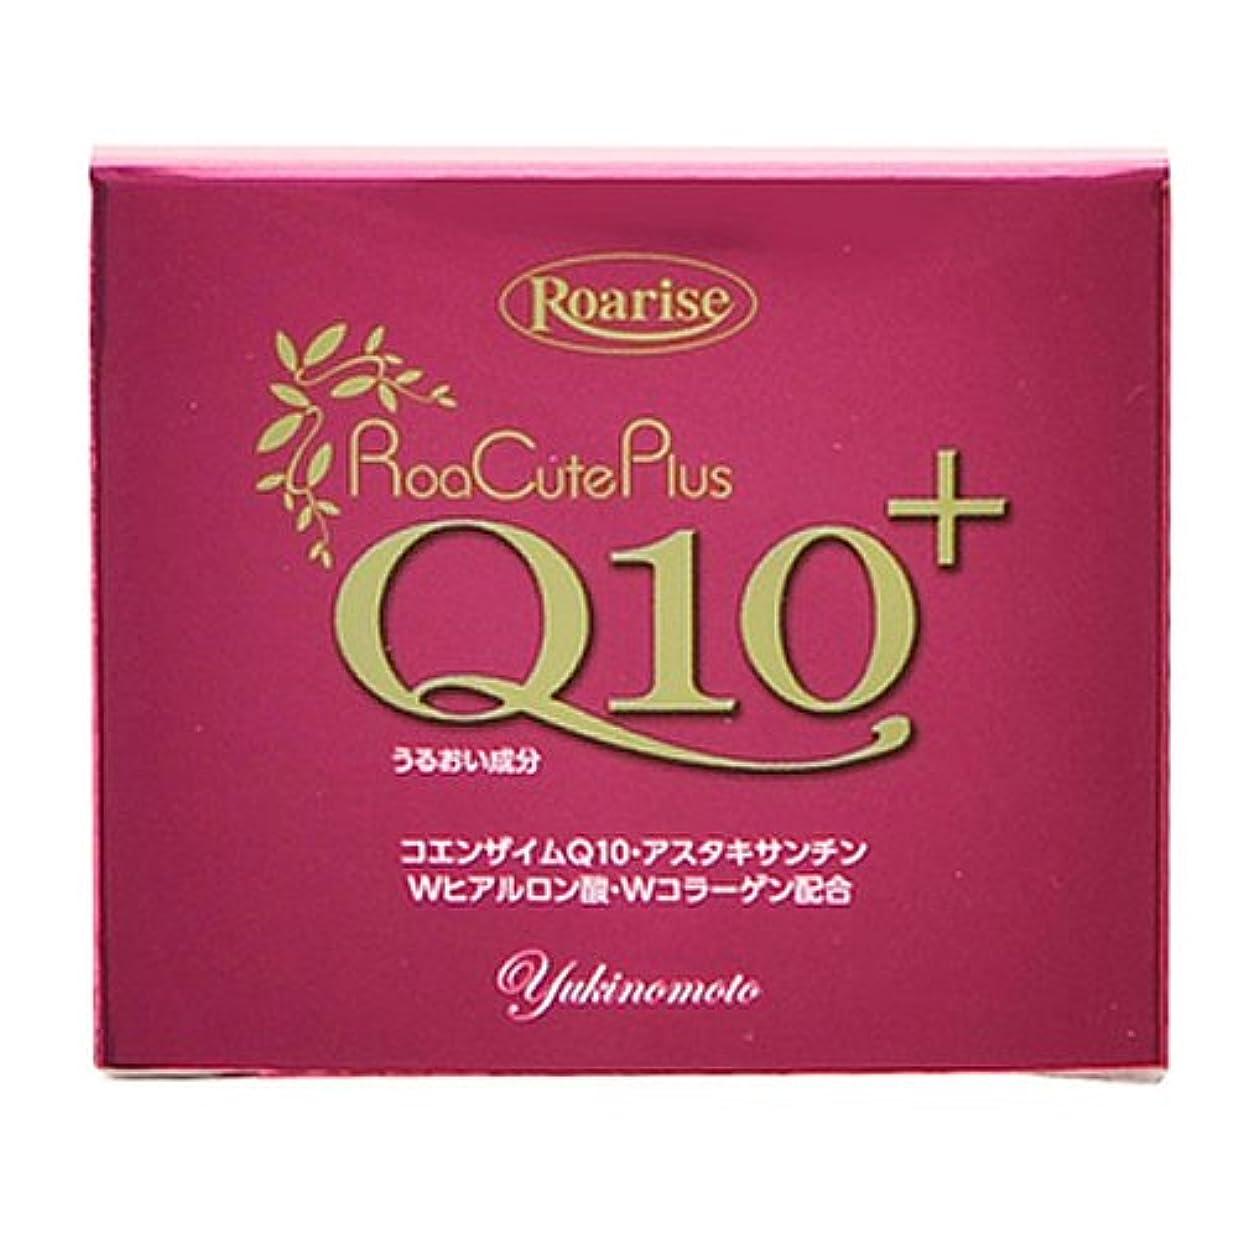 放映マウスひそかに薬用ロアキュートプラス Q10+ 50g 医薬部外品